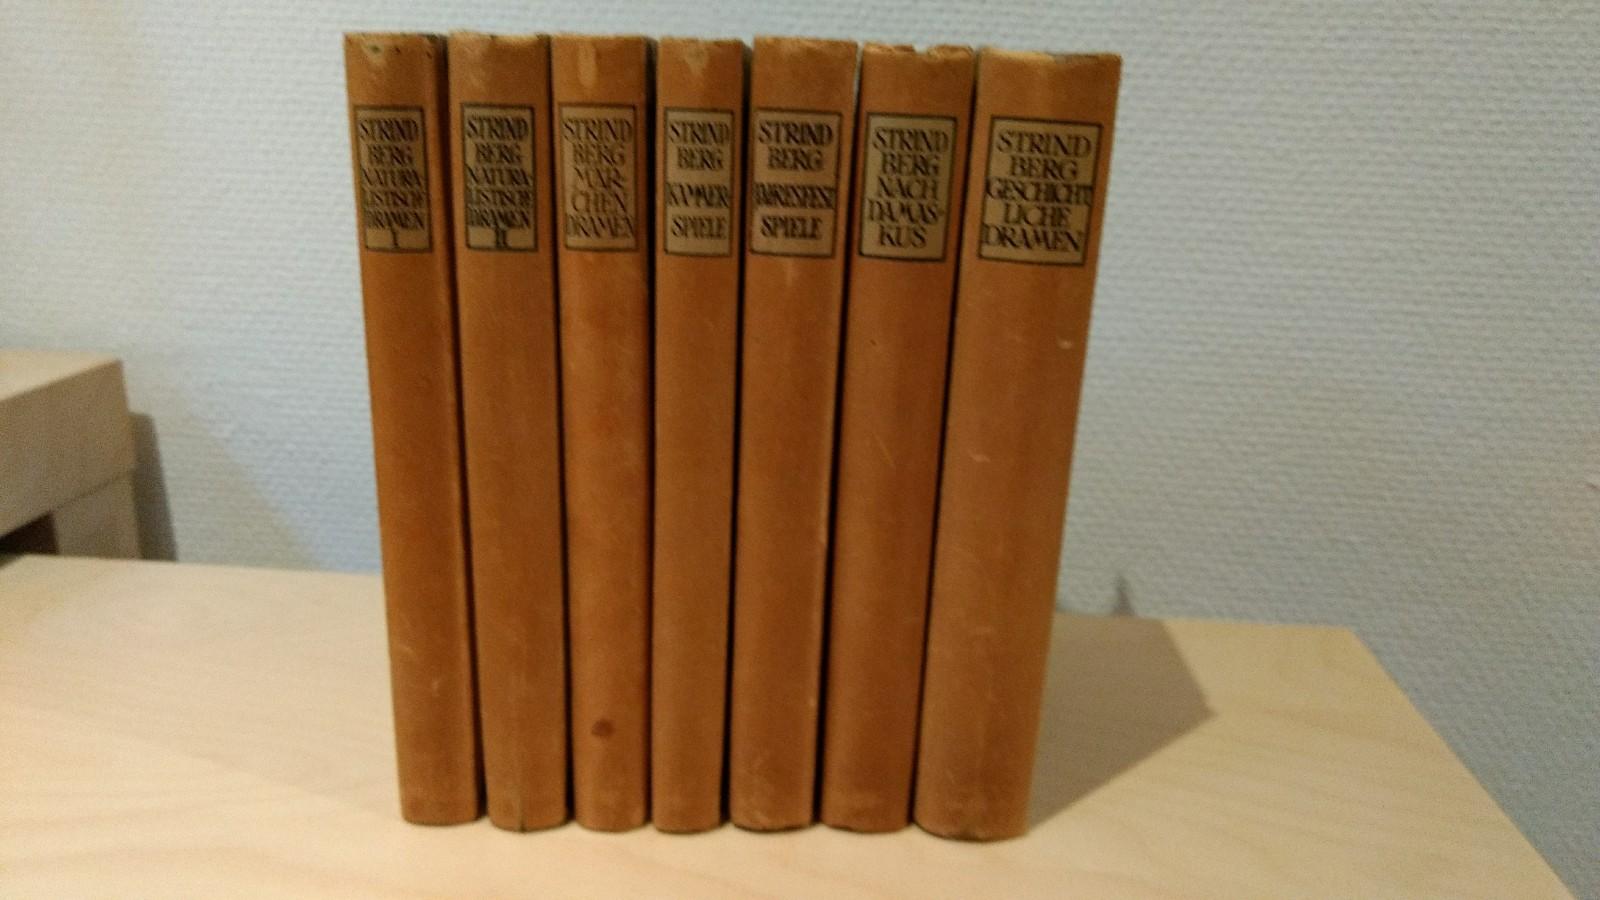 Ausgewählte Werke in 7 Bänden Band 1: Strindberg, August: